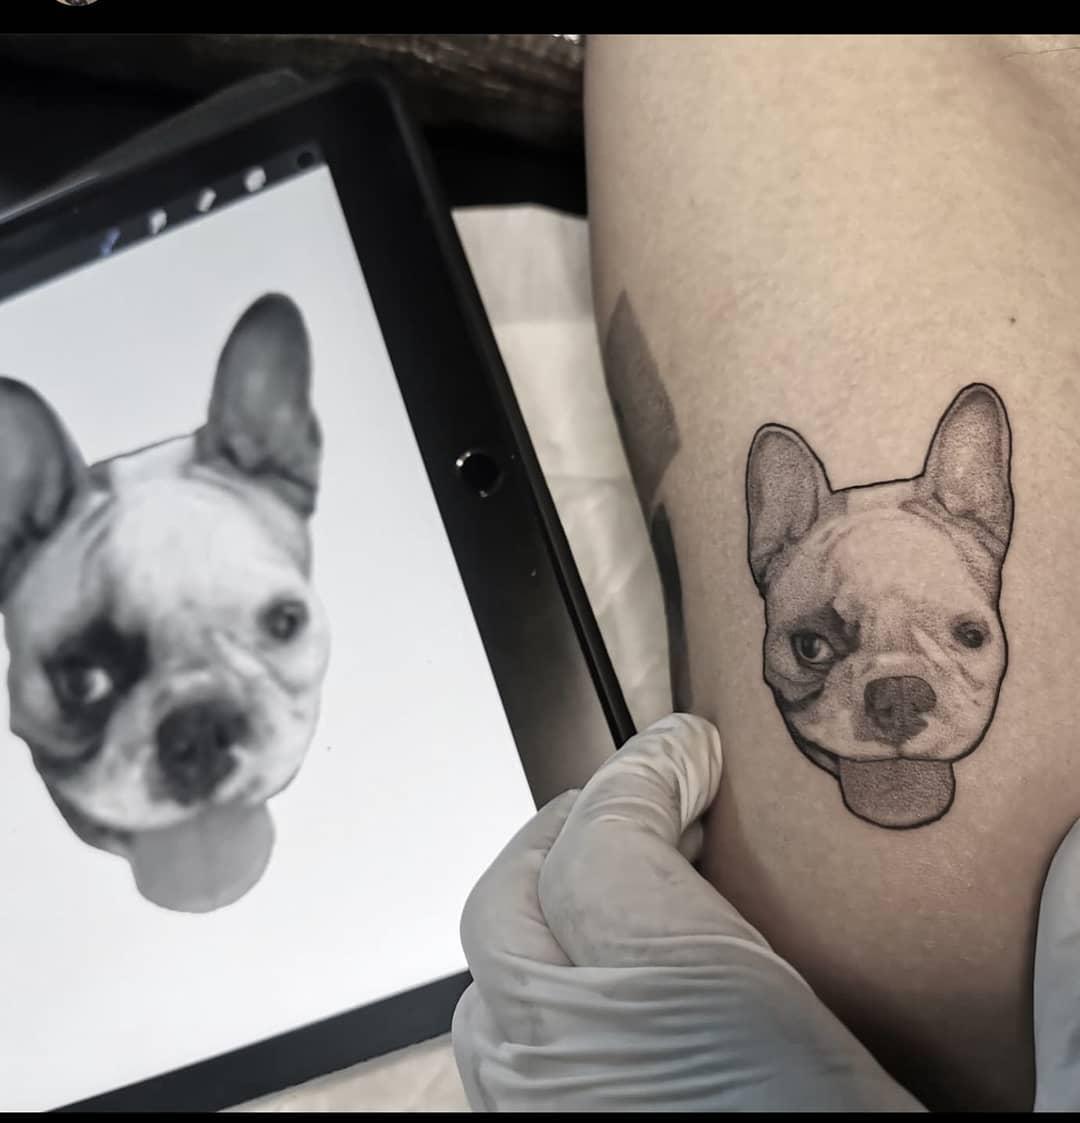 common ground tattoo